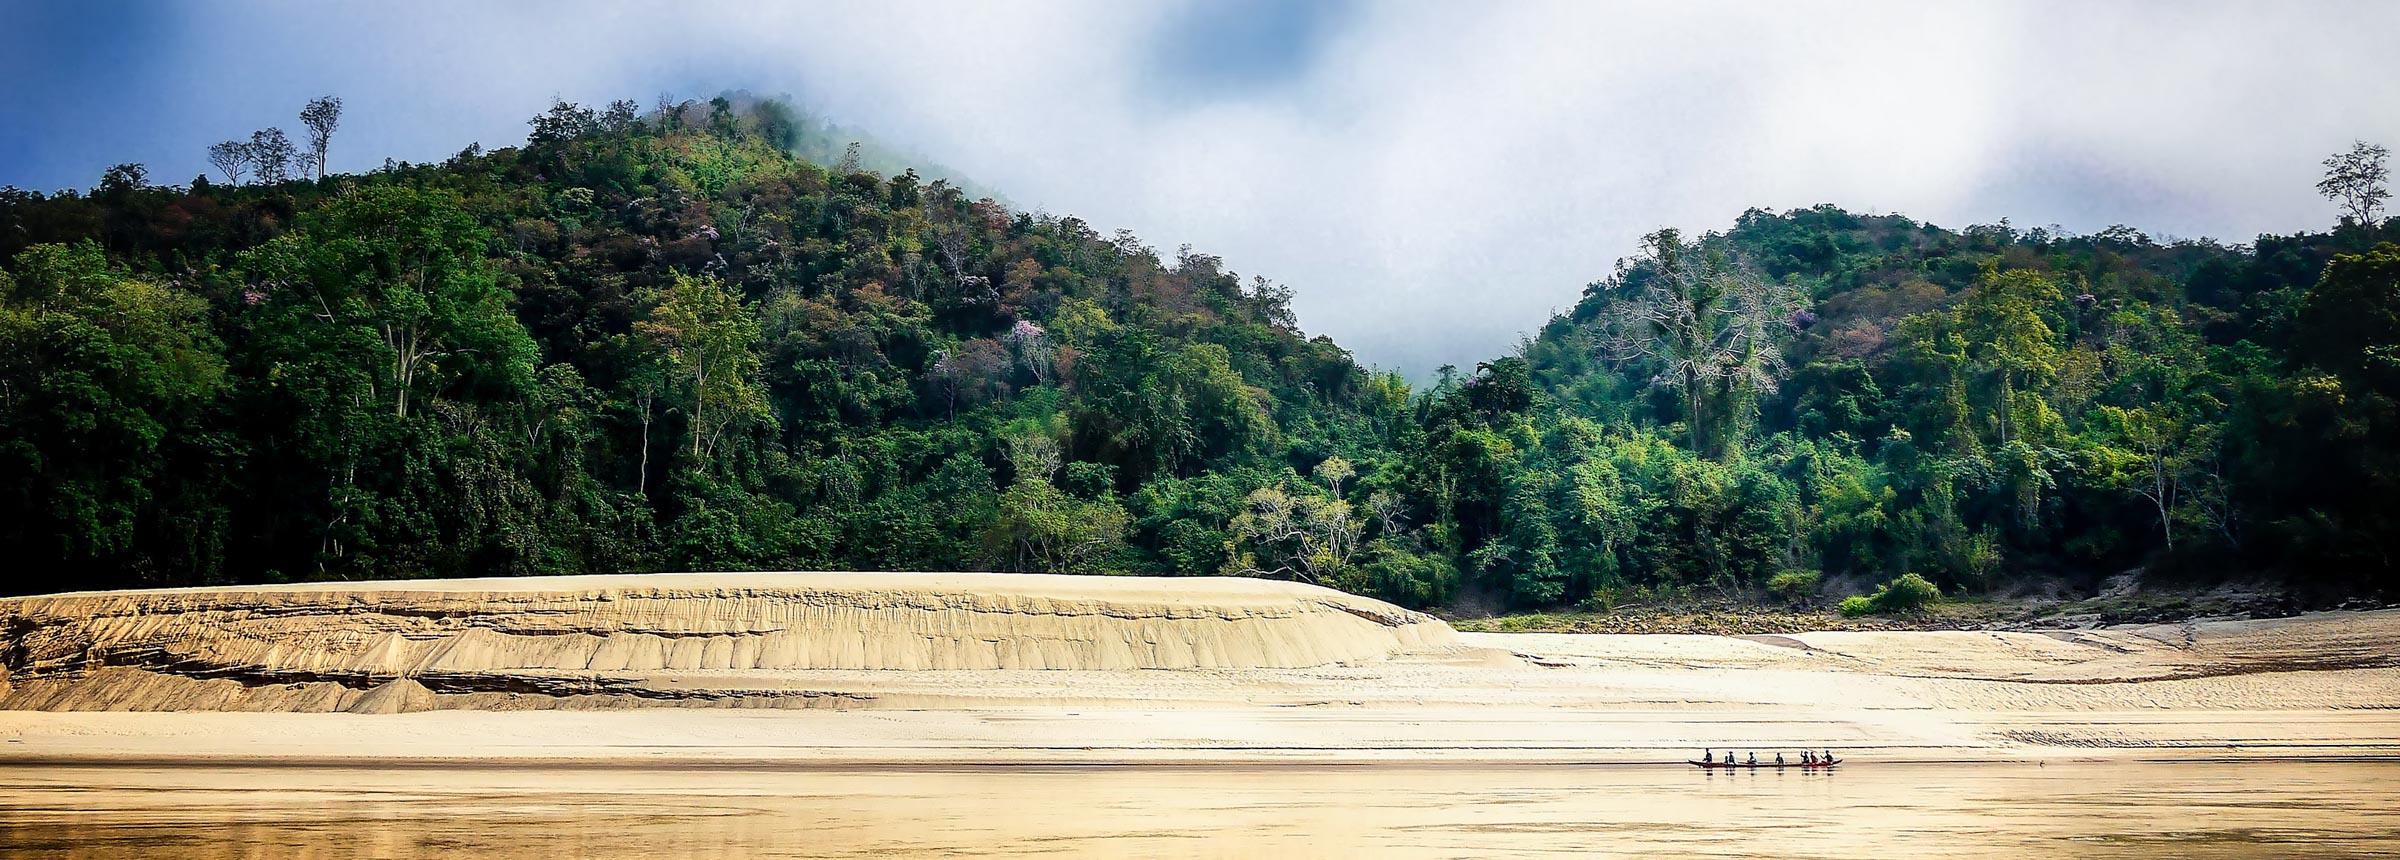 Laos Shoreline